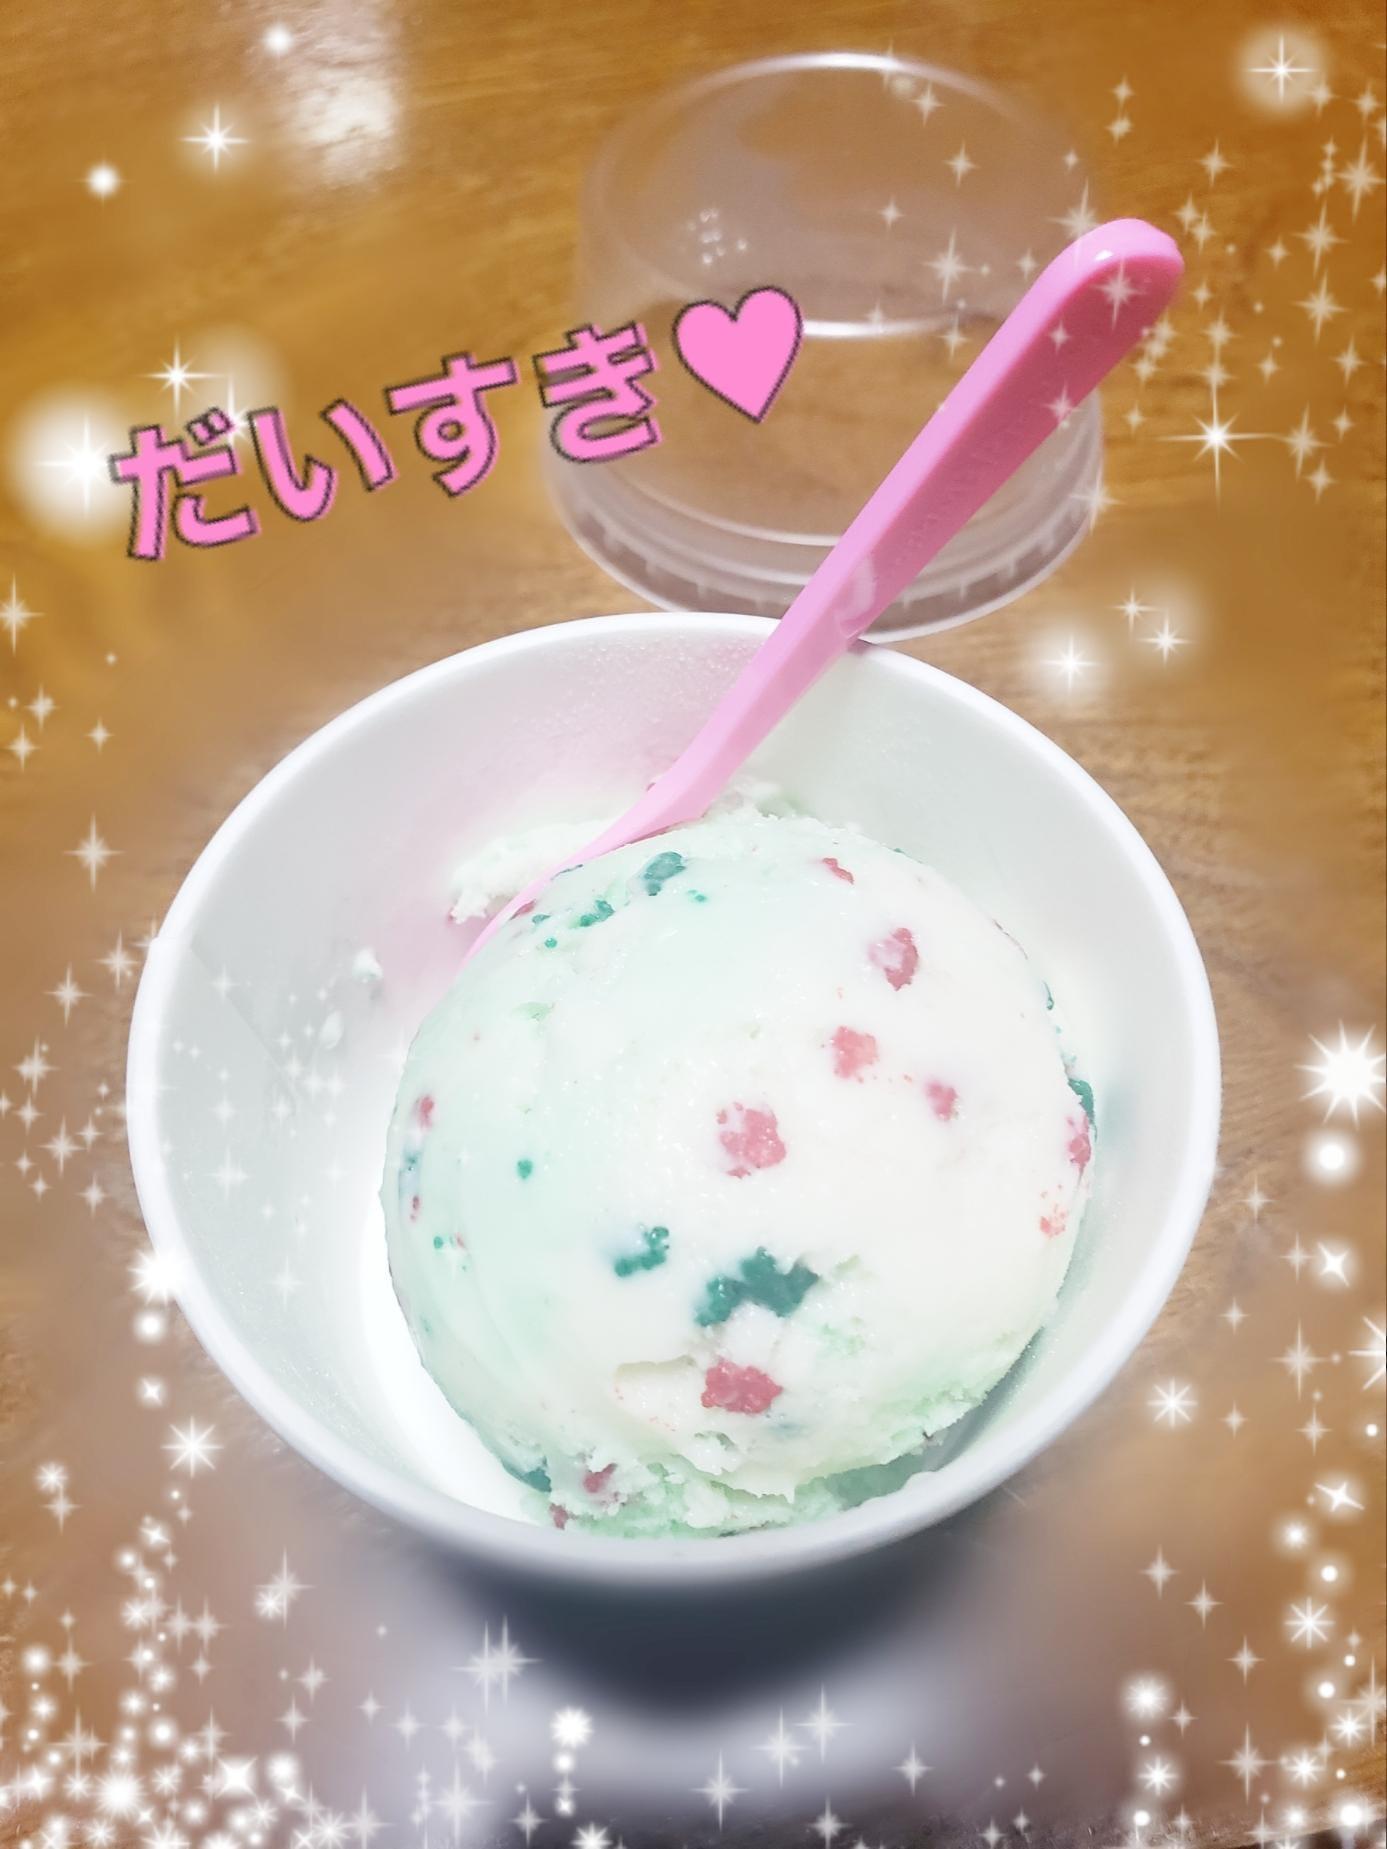 「寒いときは♪♪」01/24(金) 00:00 | しおん★ゴールド★の写メ・風俗動画